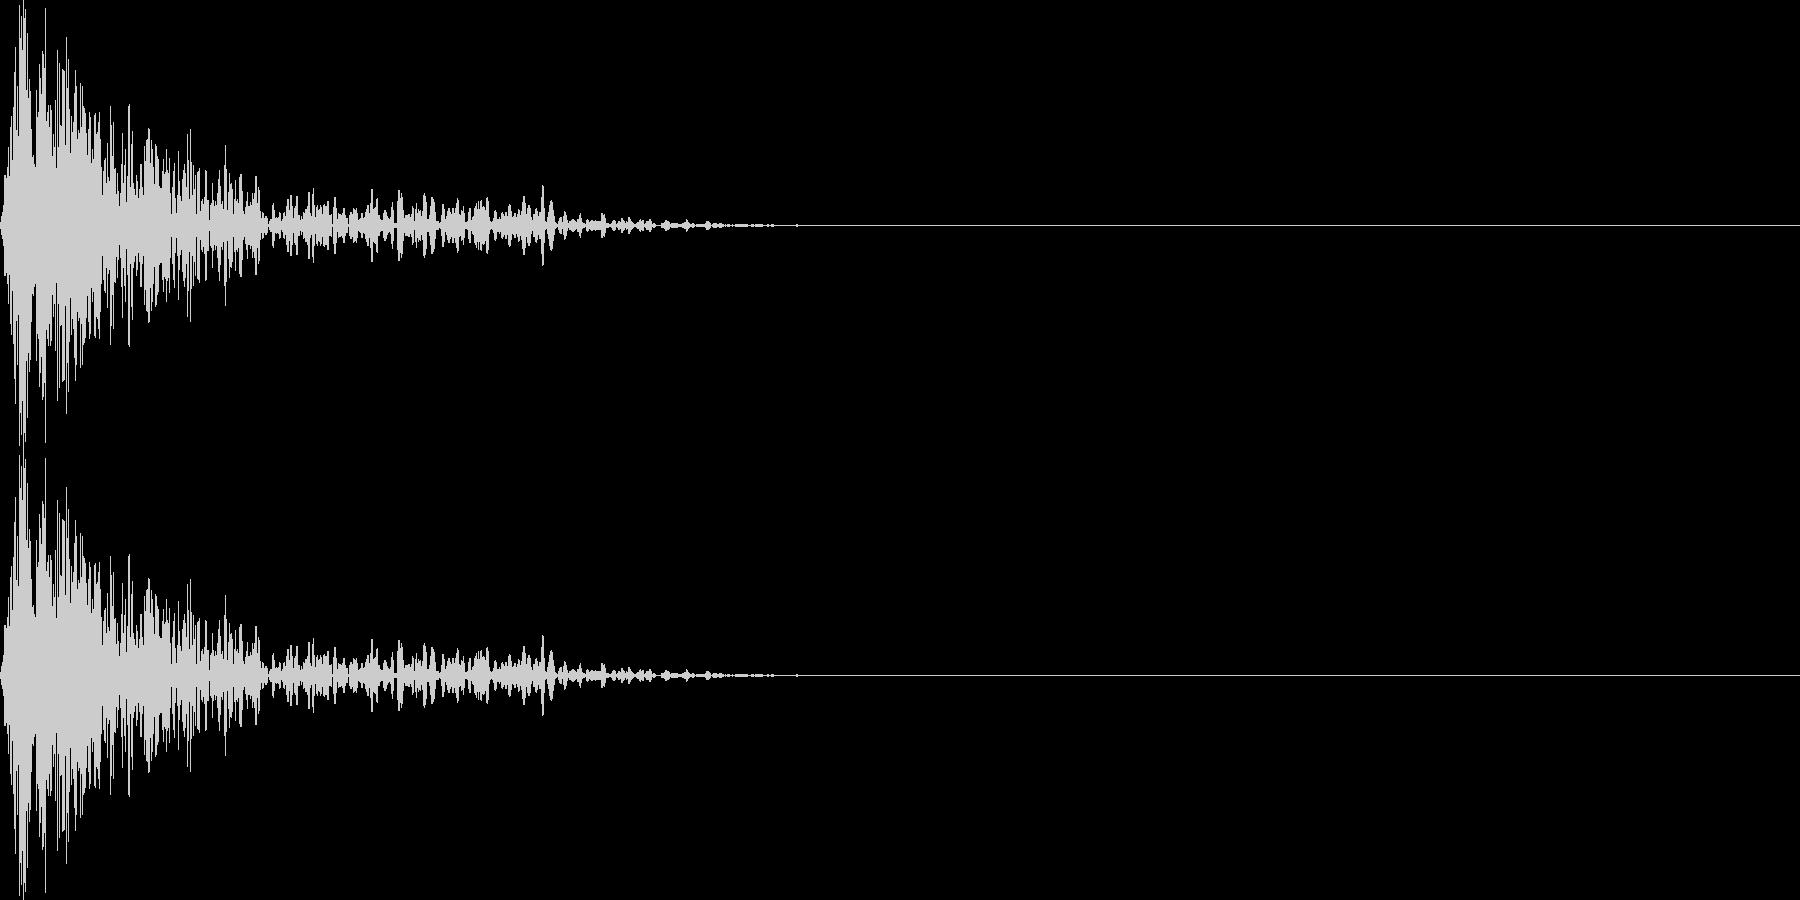 ブワンー(マイナス_ミス)の未再生の波形